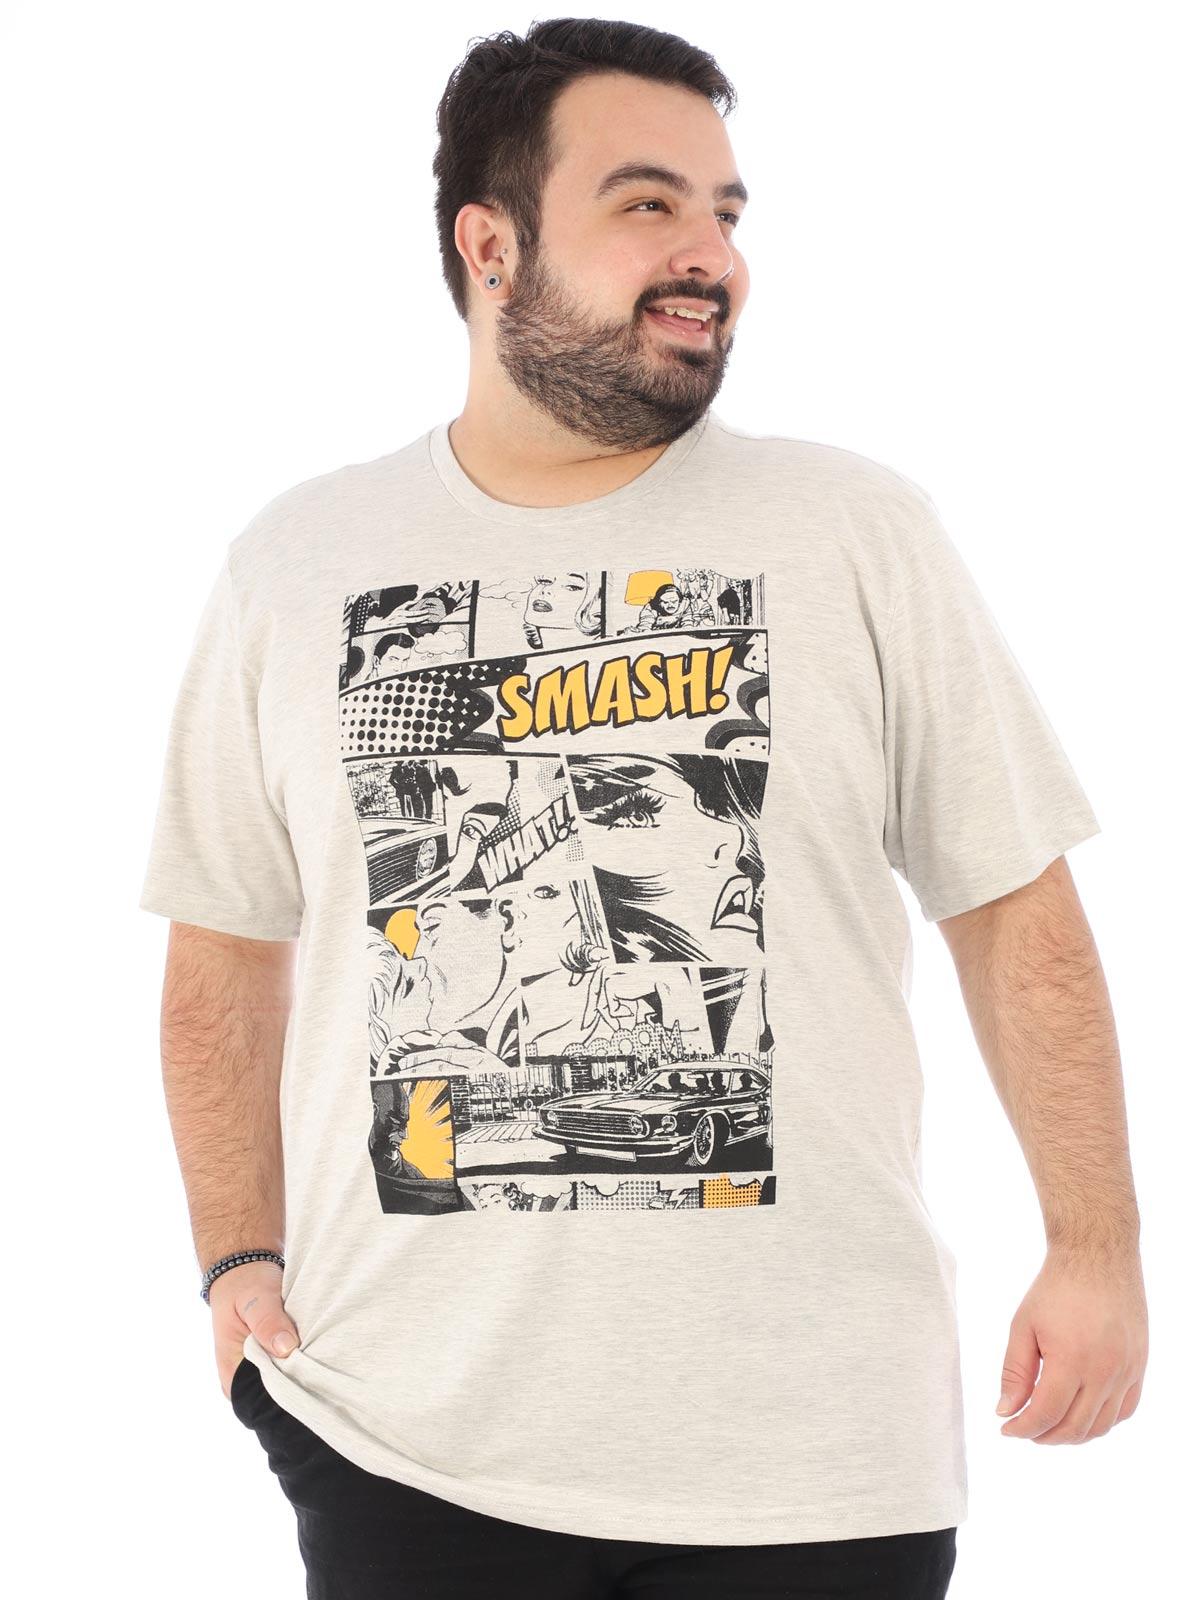 Camiseta Plus Size Masculina Manga Curta Cartoon Mescla Crú